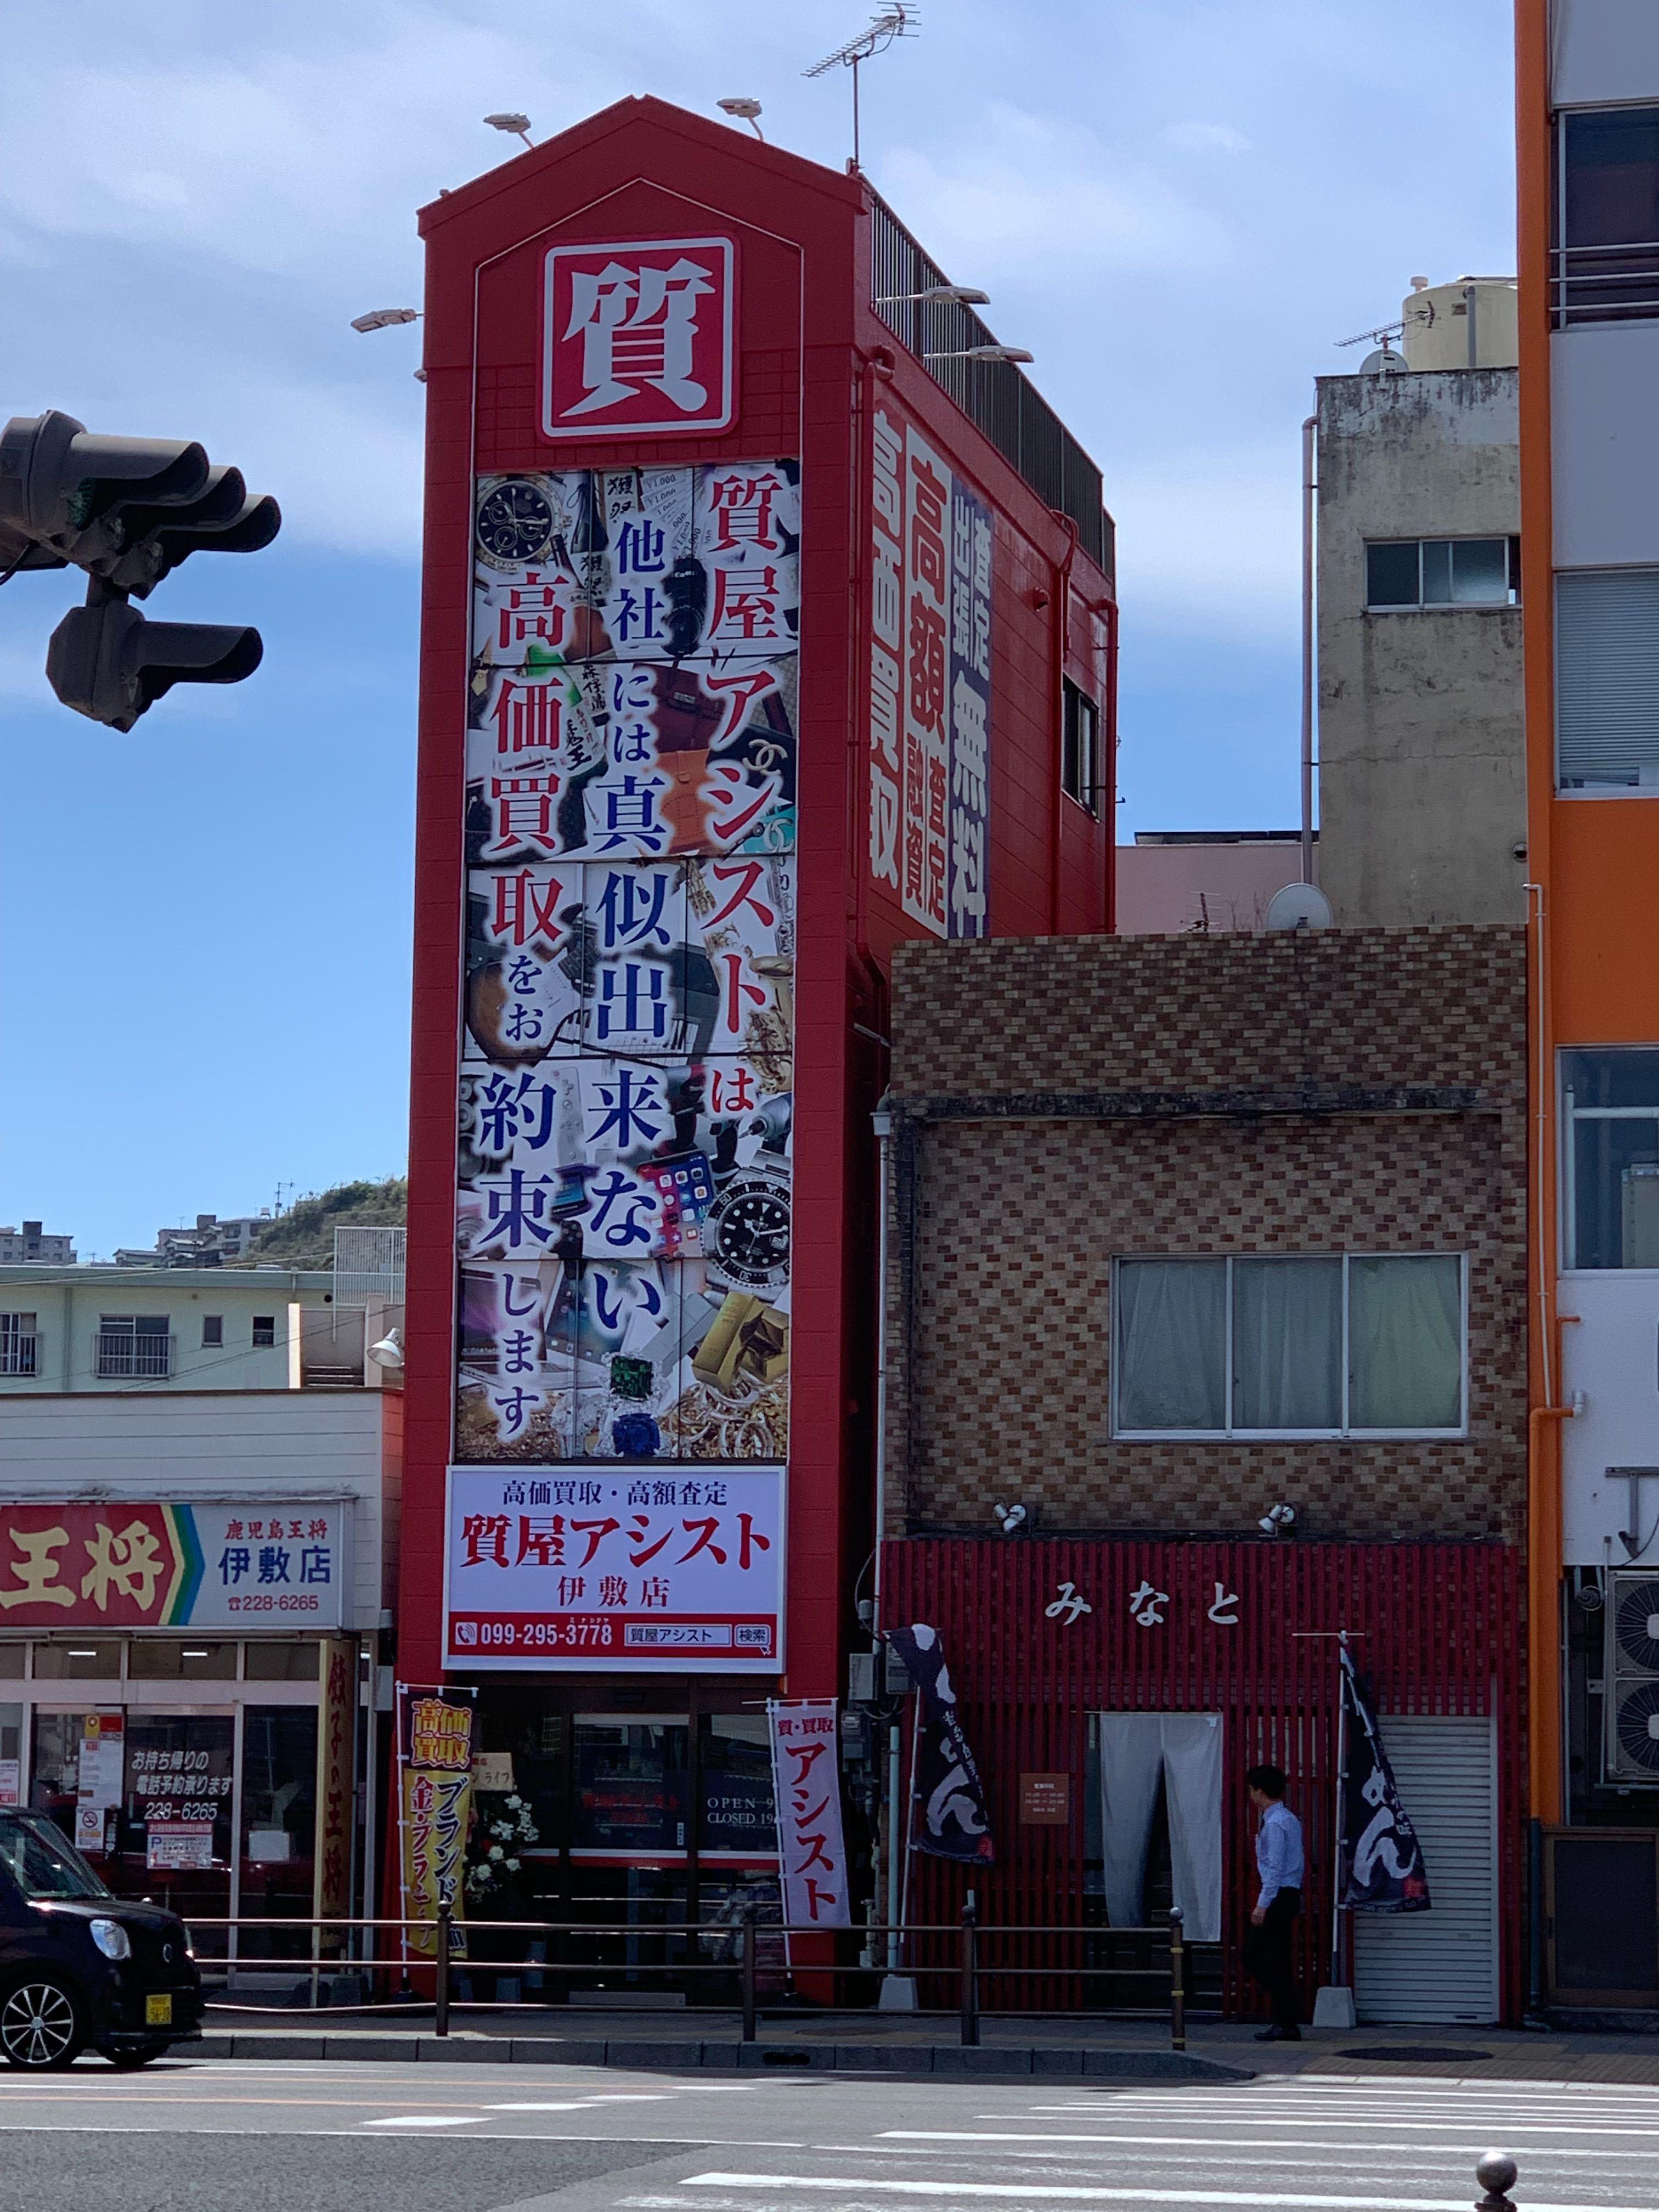 質屋アシスト伊敷店の店舗画像